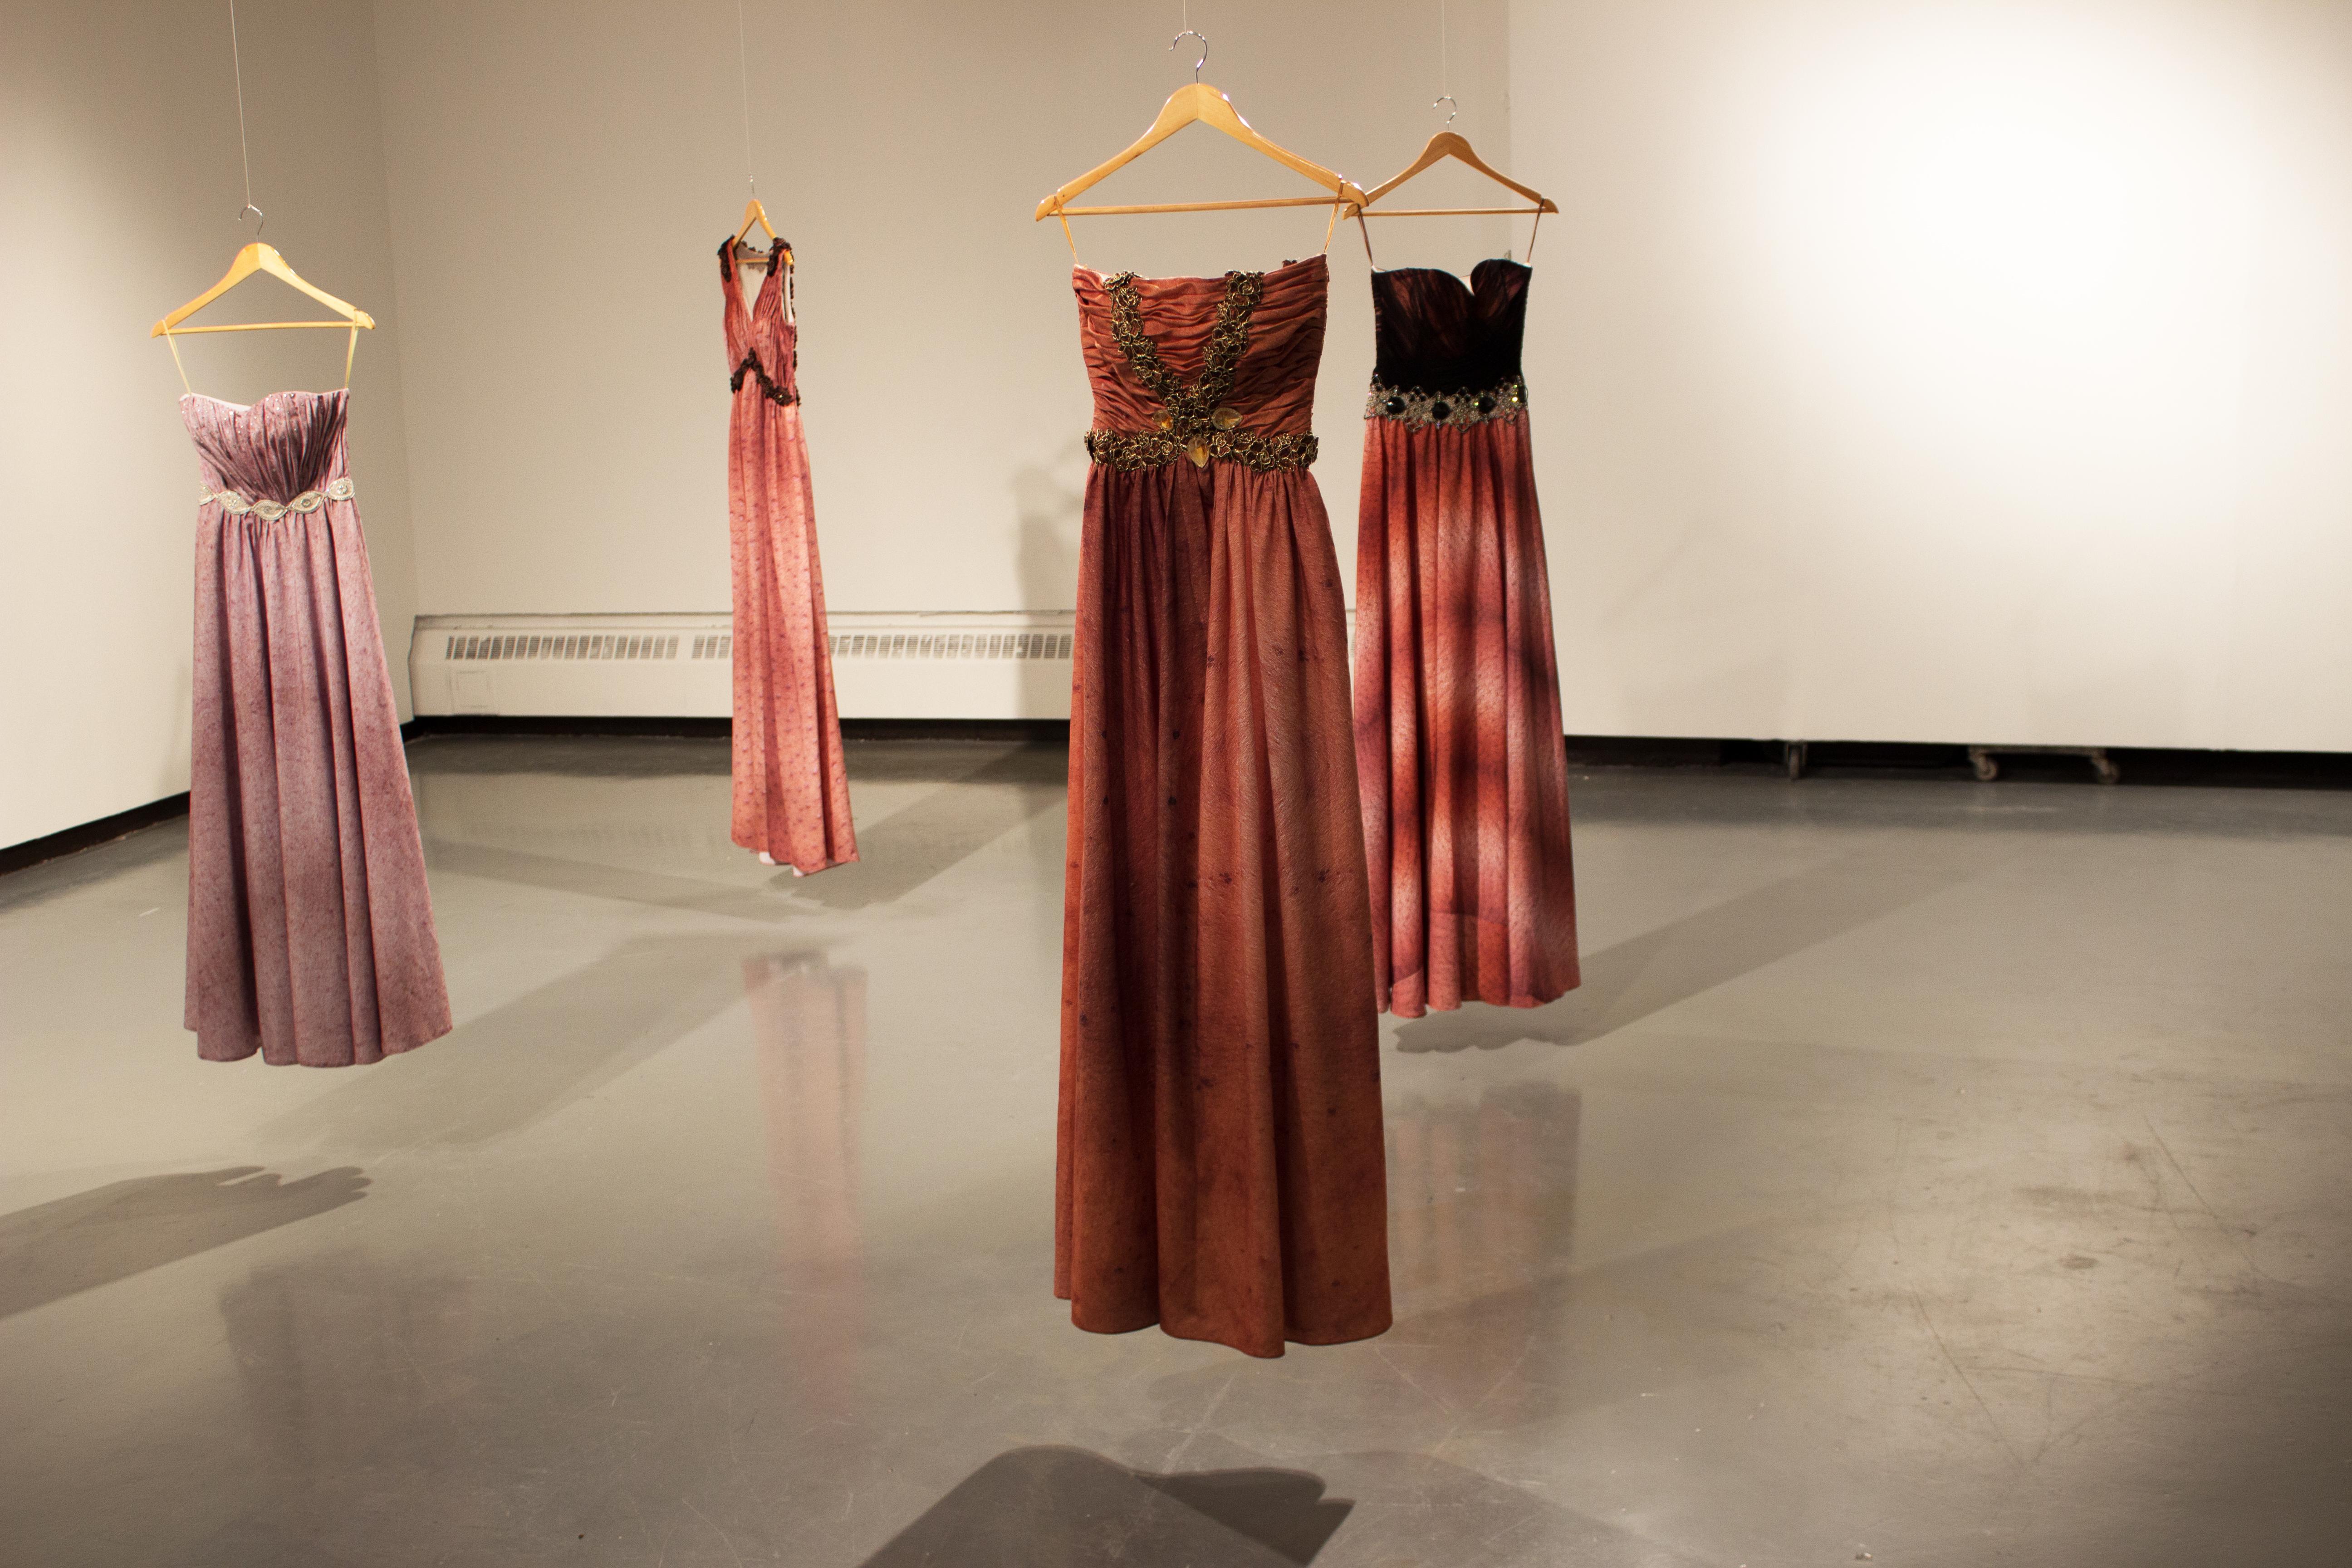 Skin Dress Exhibition View (2013-)